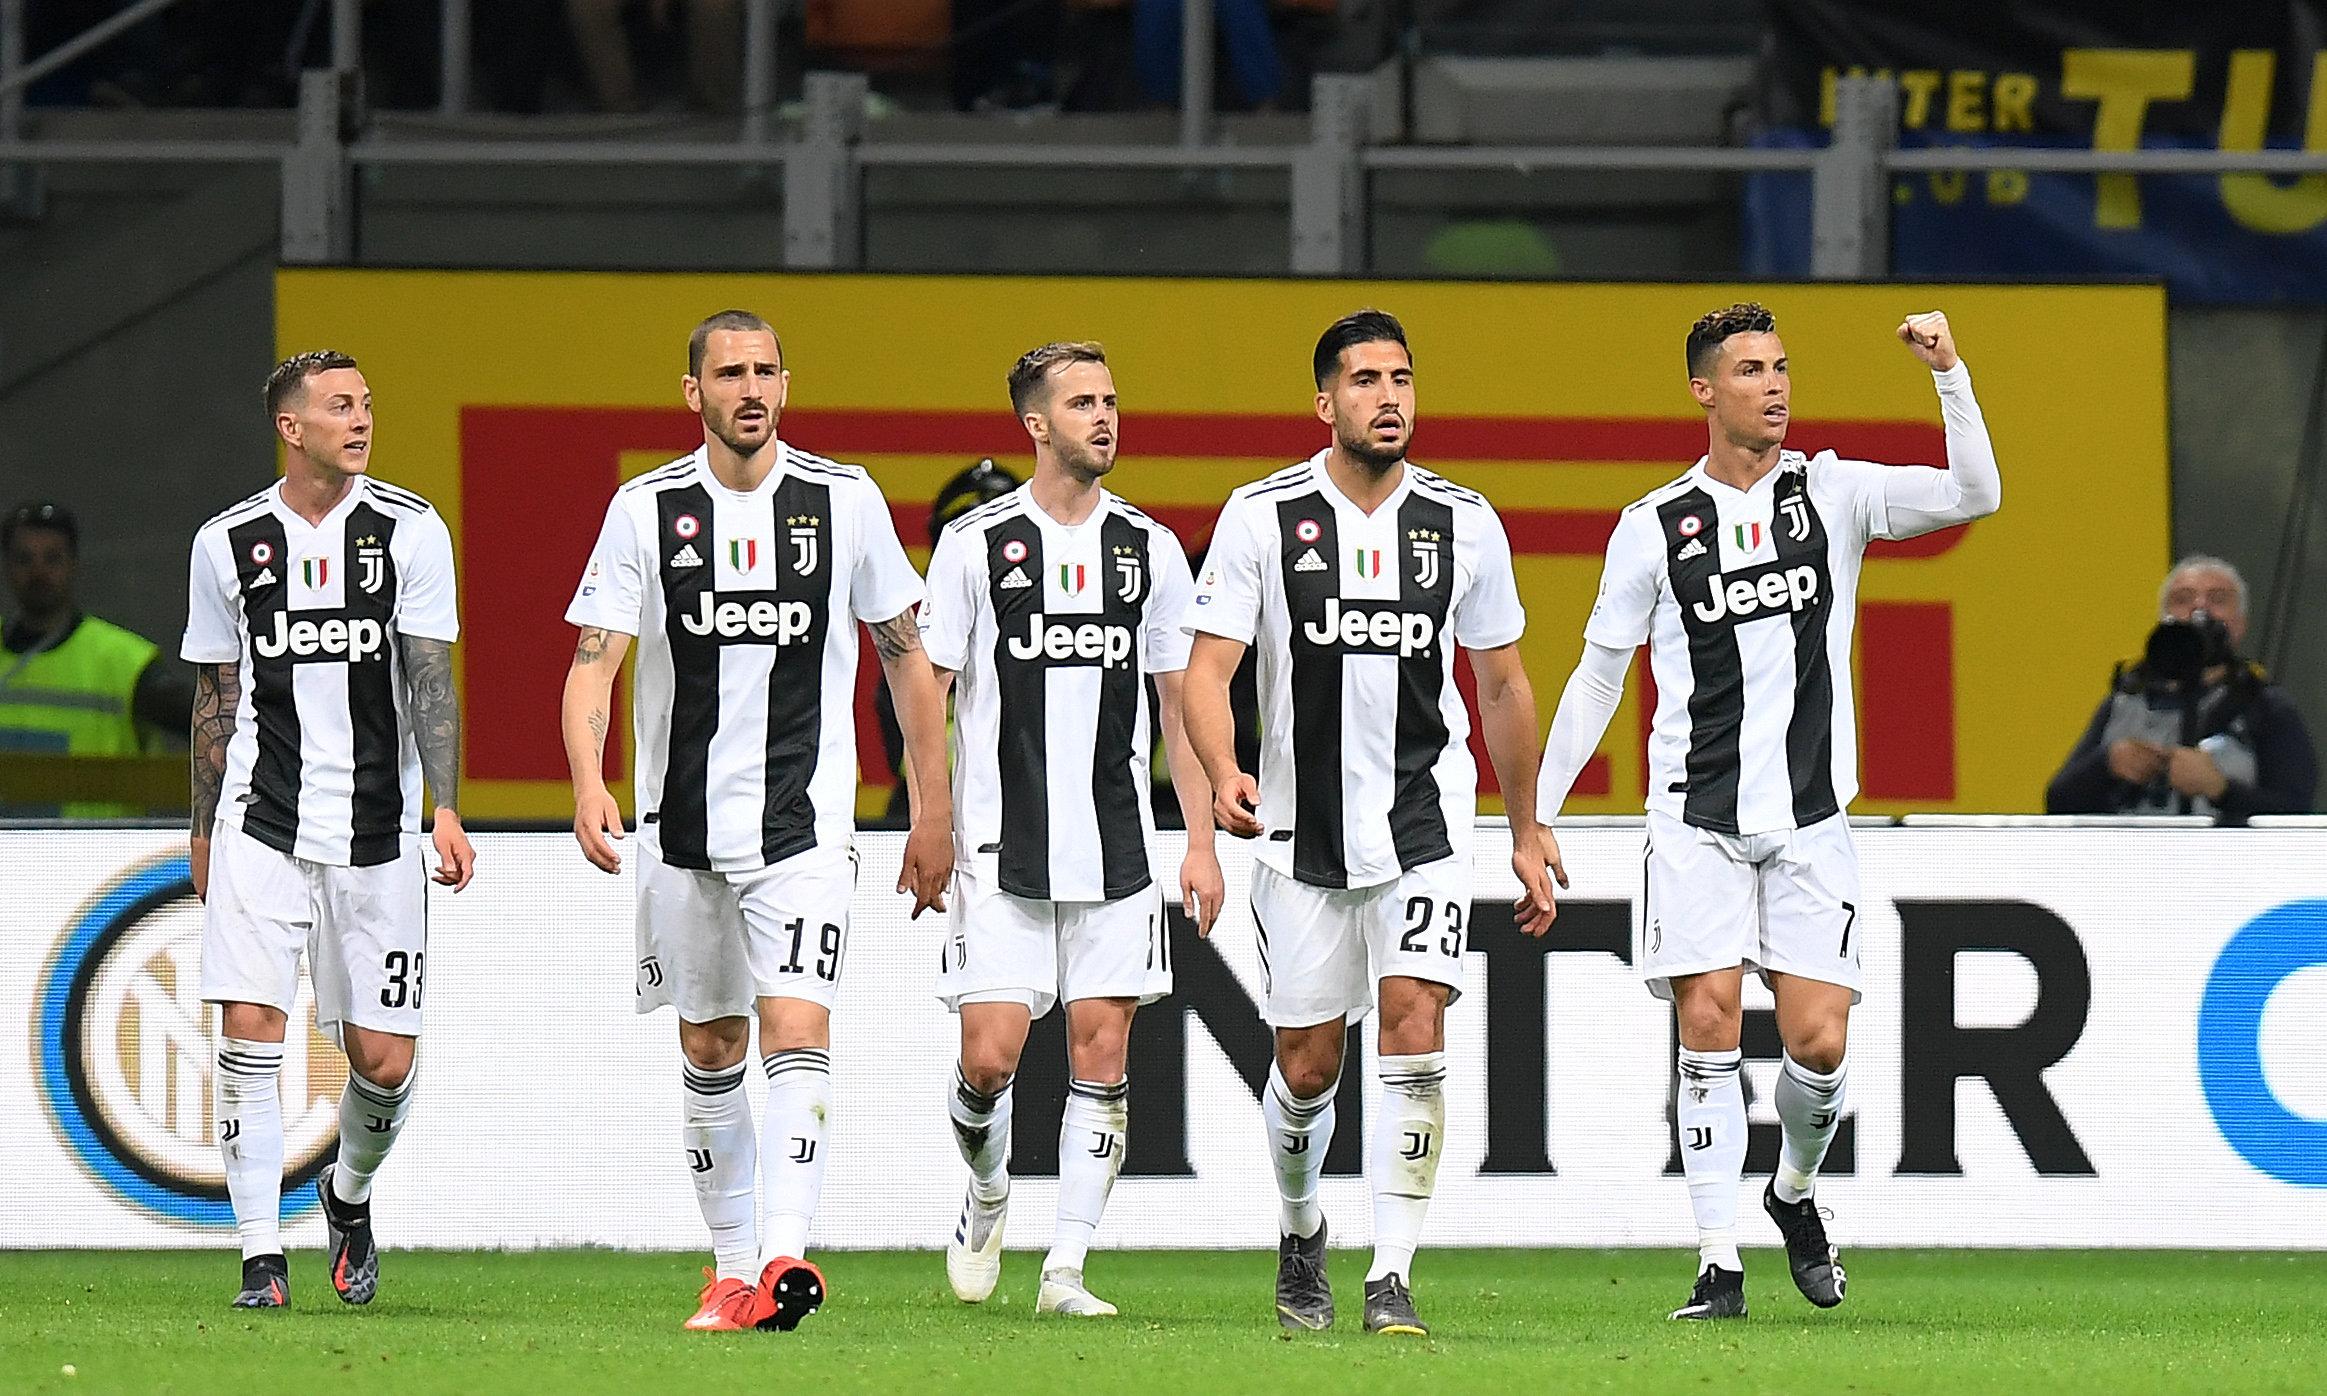 En fotos: Inter y Juventus empatan con gol 600 de Cristiano en día de burlas de la tribuna